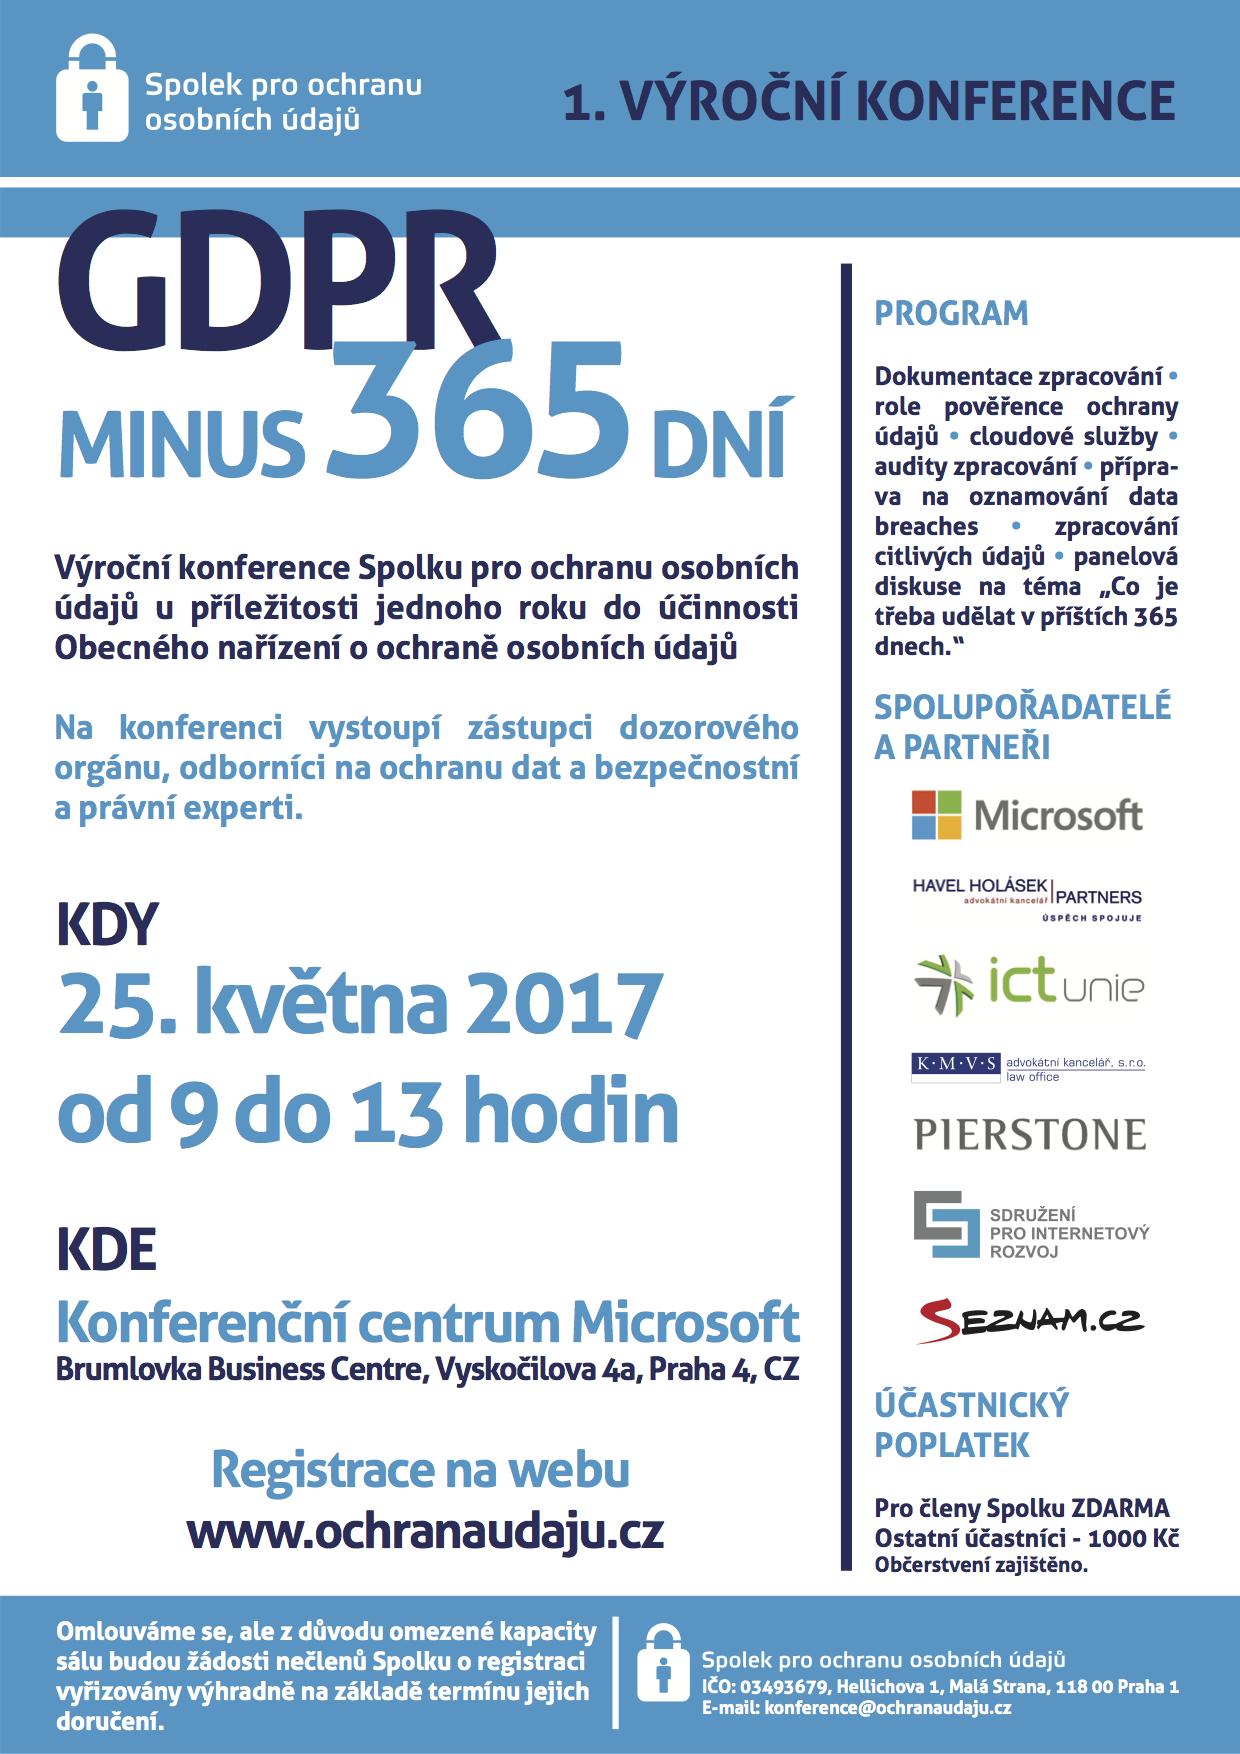 pozvanka konference GDPR